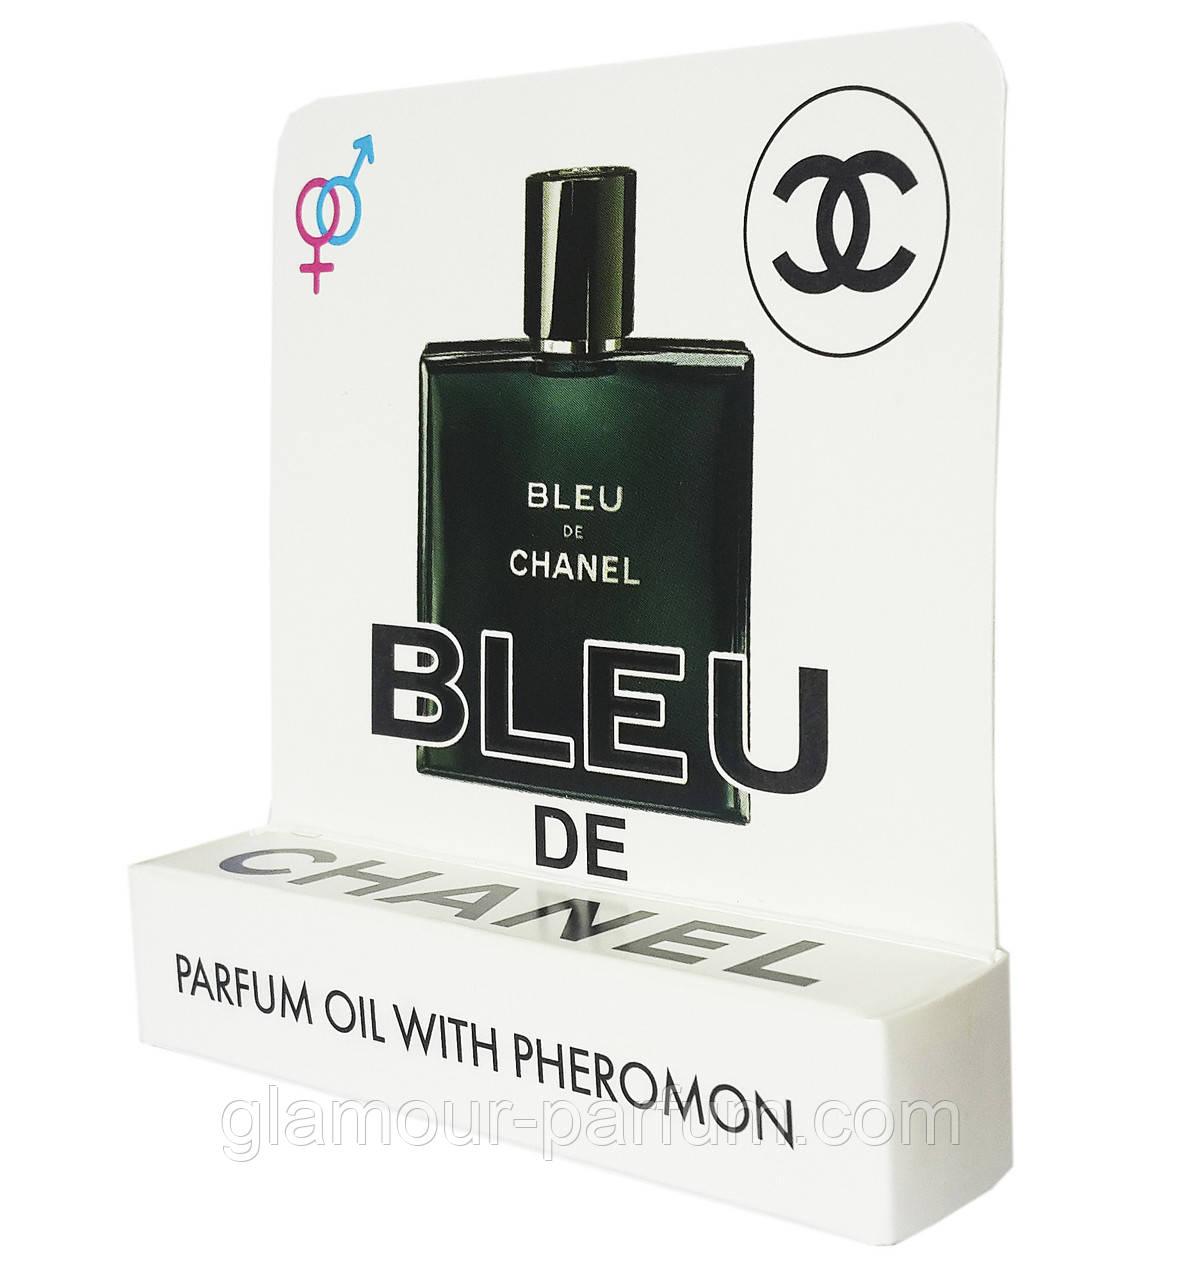 Мини парфюм с феромонами Chanel Bleu de Chanel 5 мл (реплика)